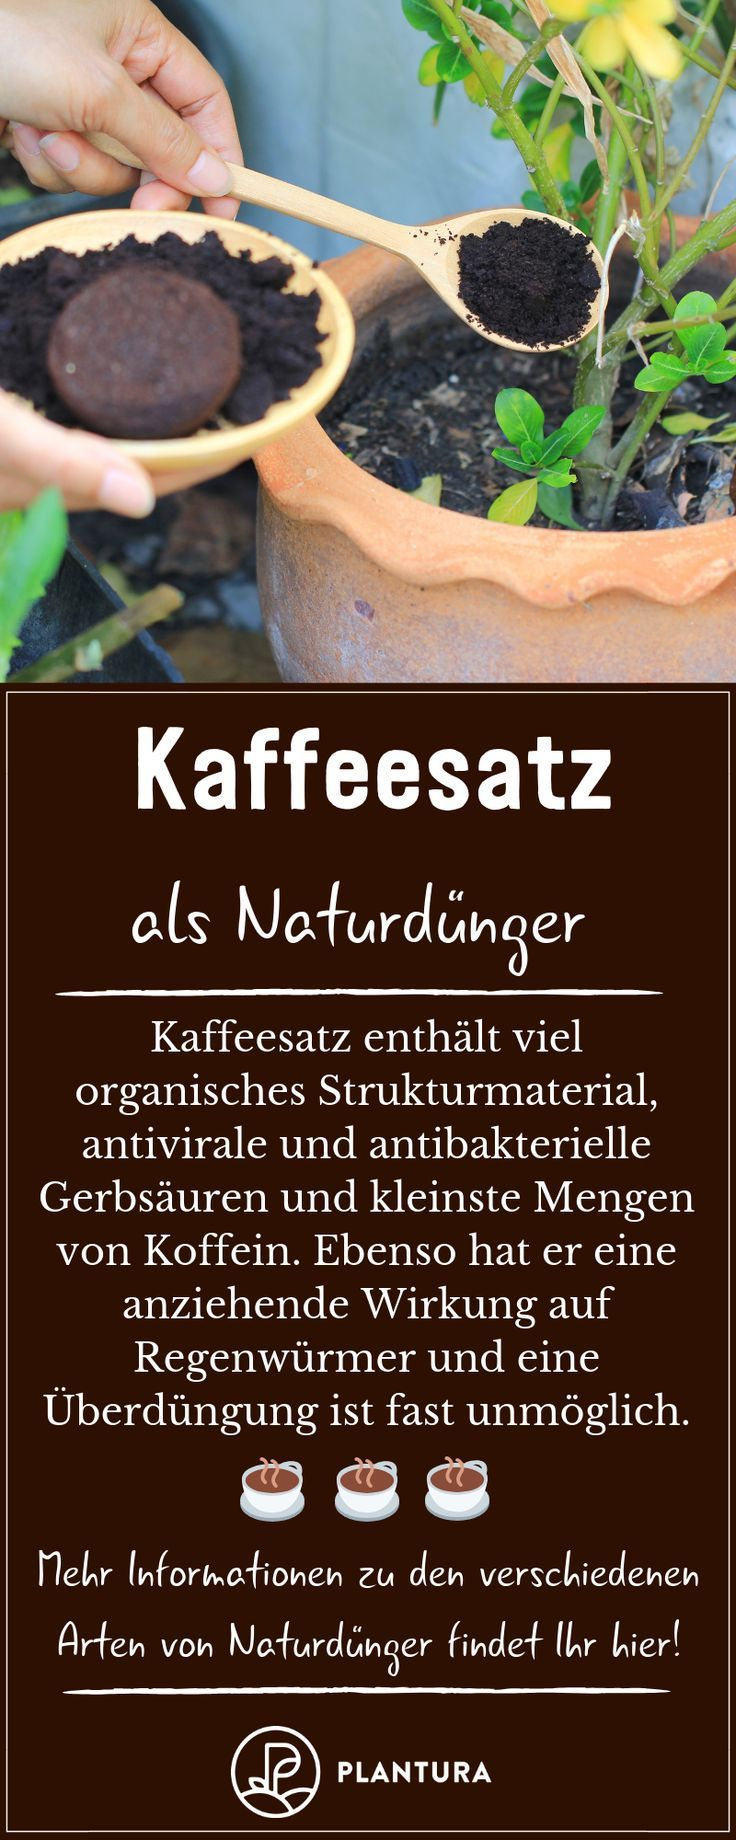 Garten Gardening Duenger Naturduenger Kaffeesatz Als Naturdunger Kaffeesatz Als Naturdung Natural Fertilizer Gardening For Beginners Gardening Tips